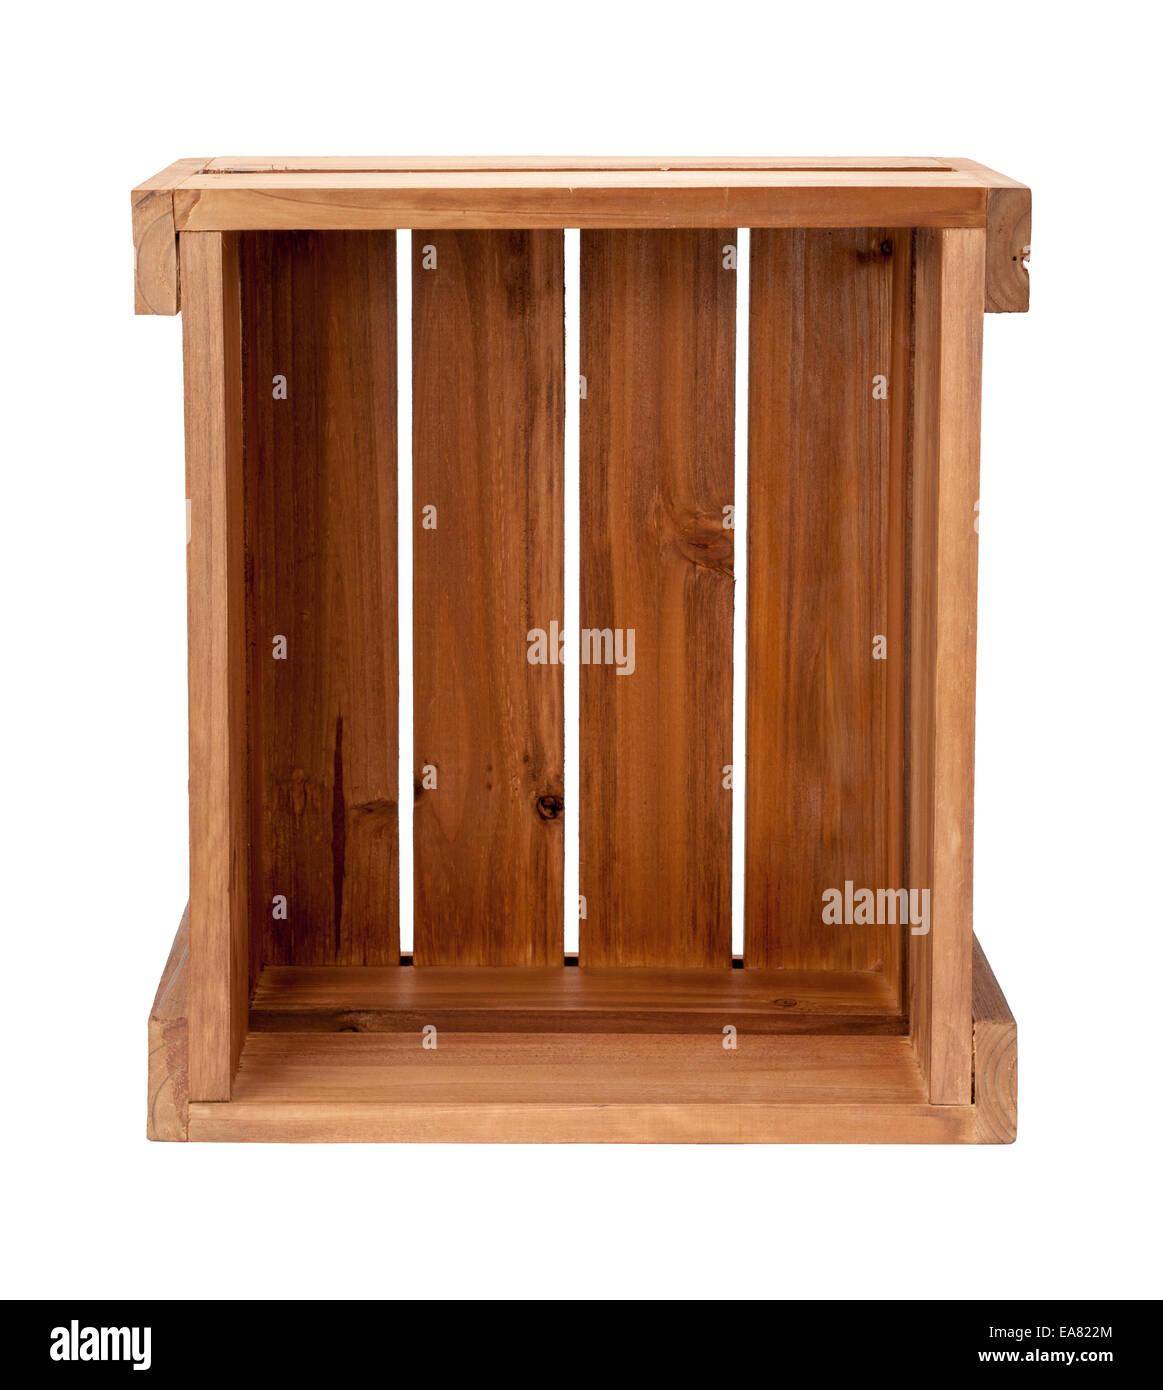 Eine offene kleine Holzkiste. Stockbild